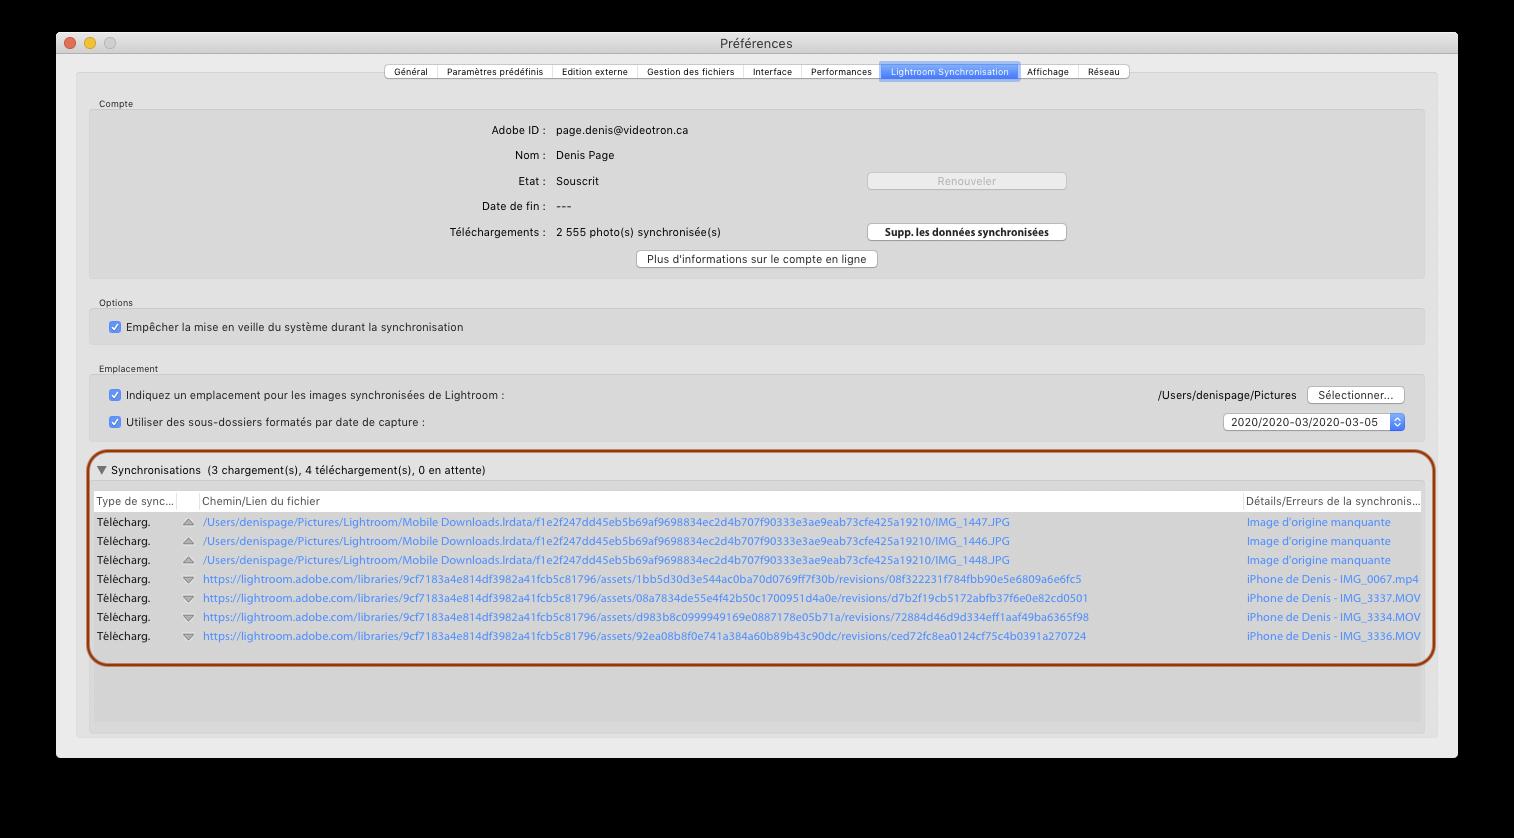 Capture d'écran 2020-03-05 à 14.37.04.png